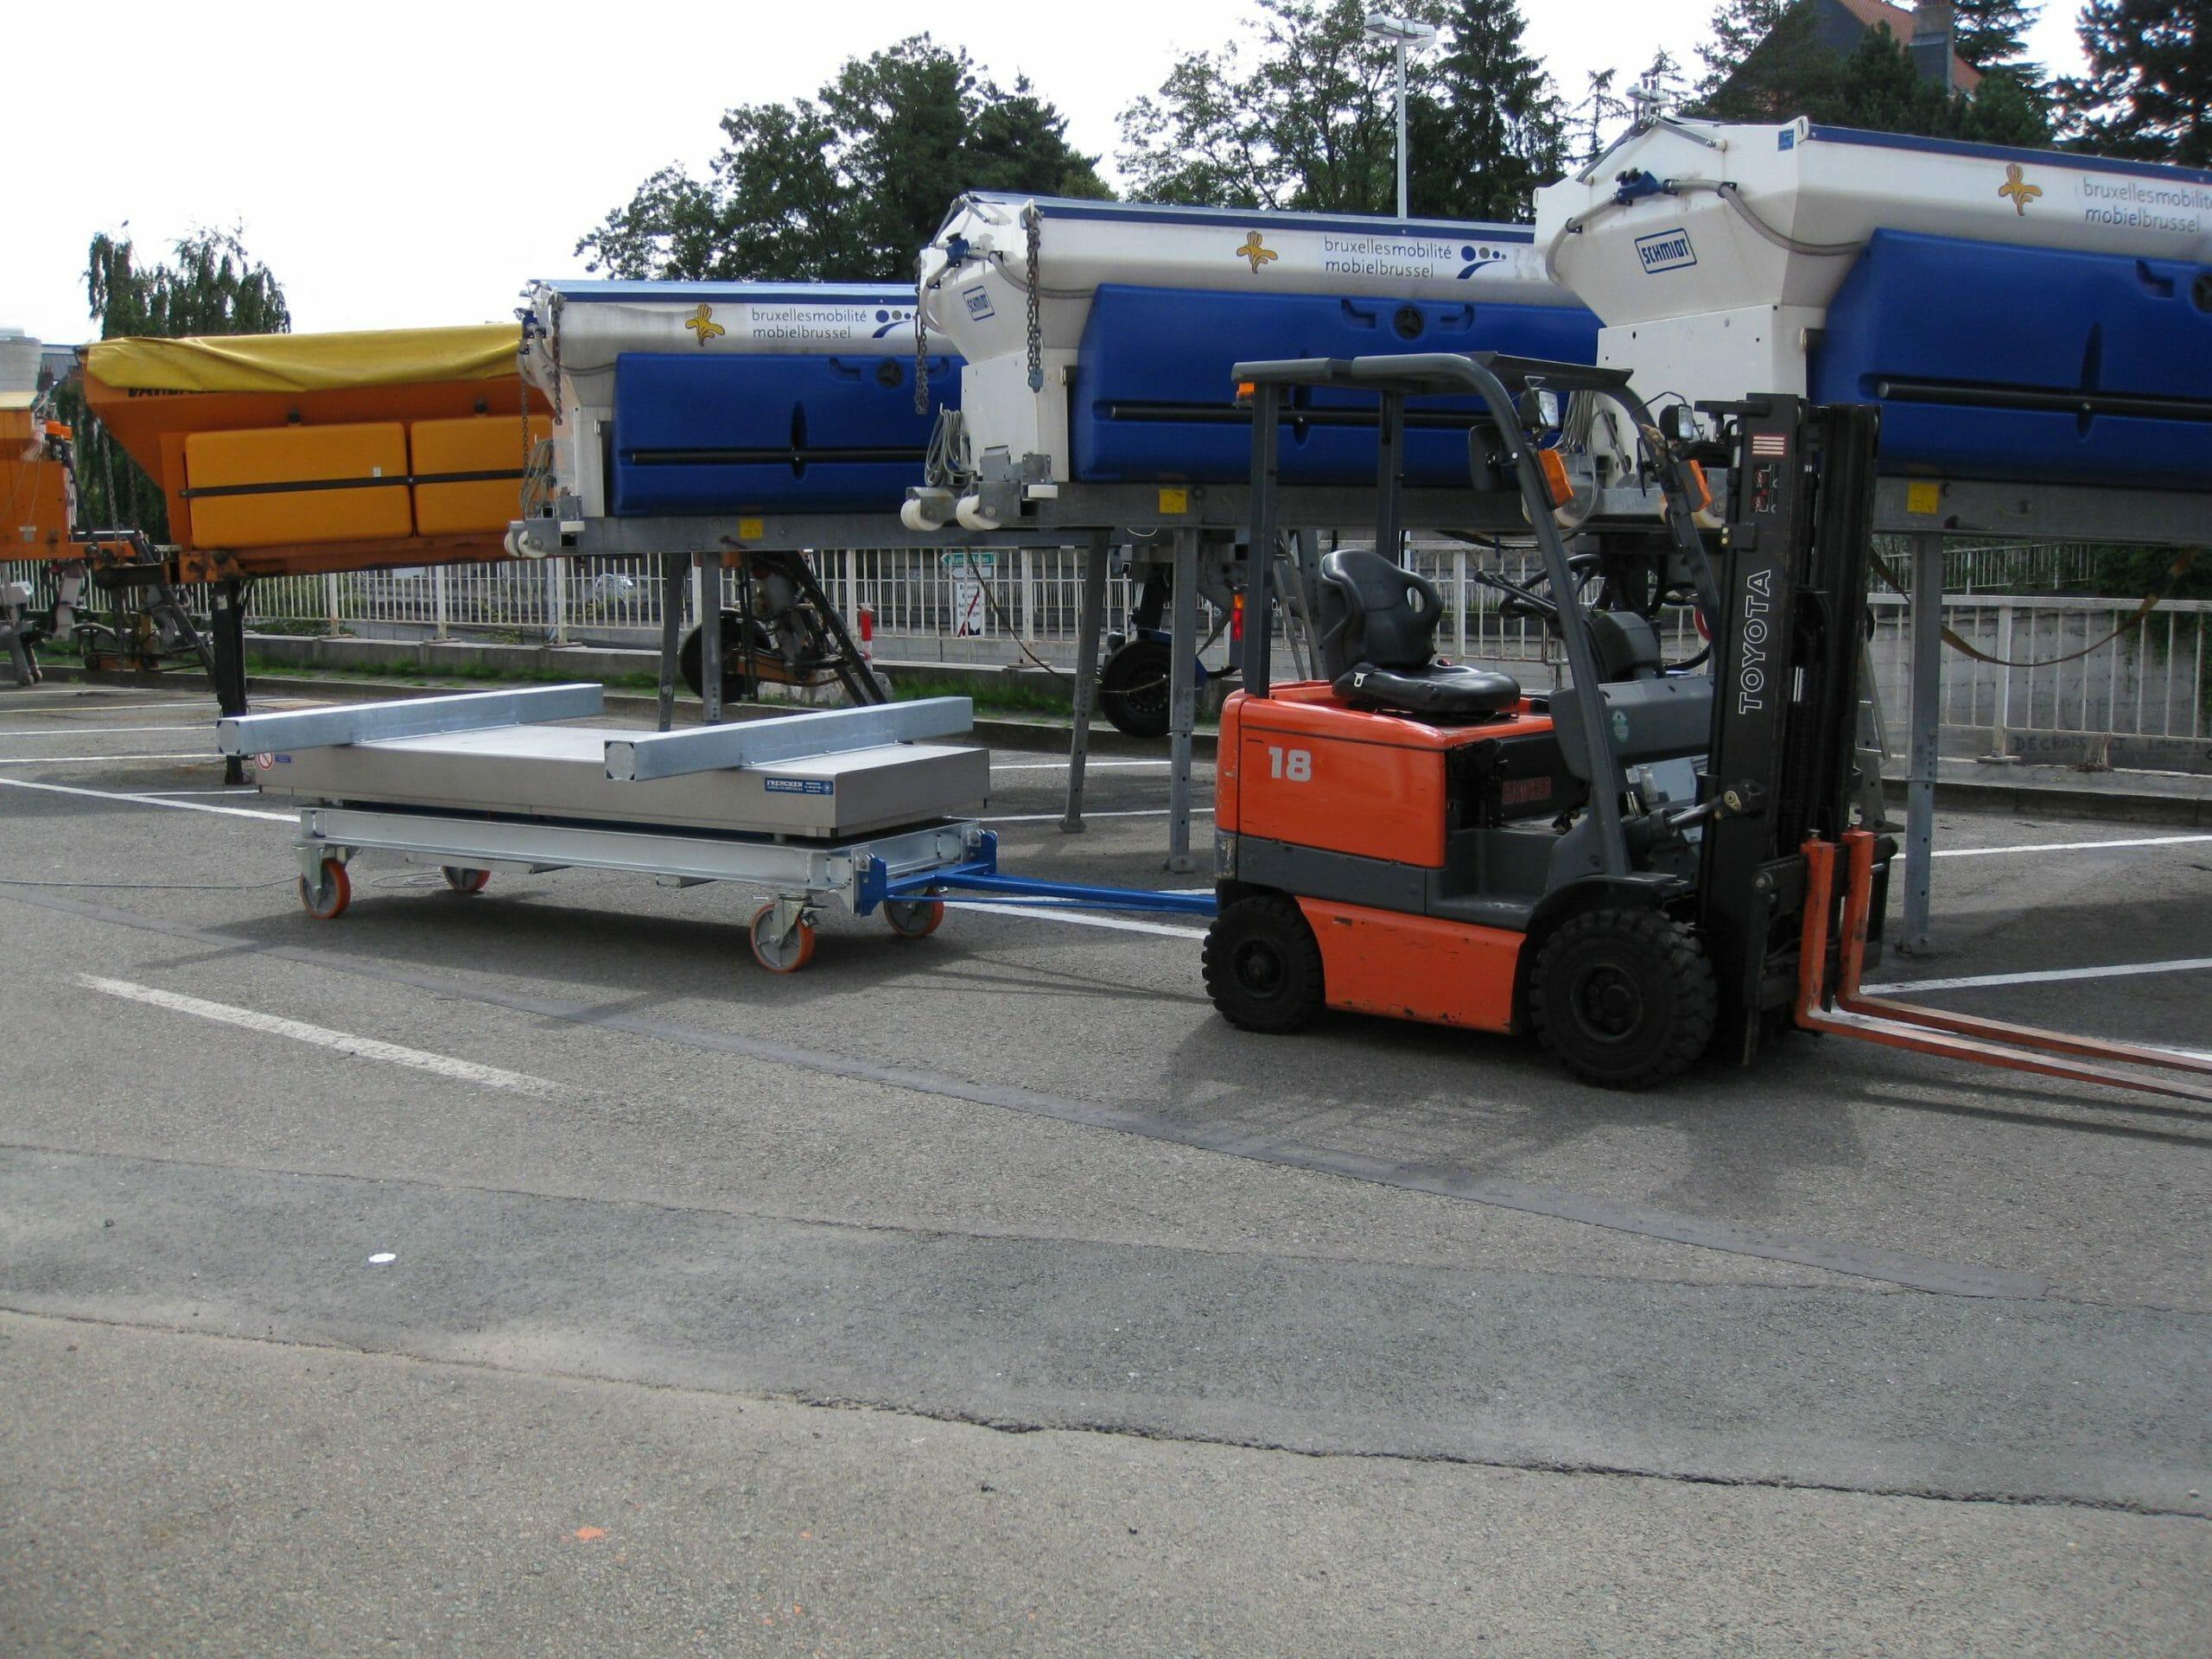 Abbildung Scherenhubwagen angekoppelt